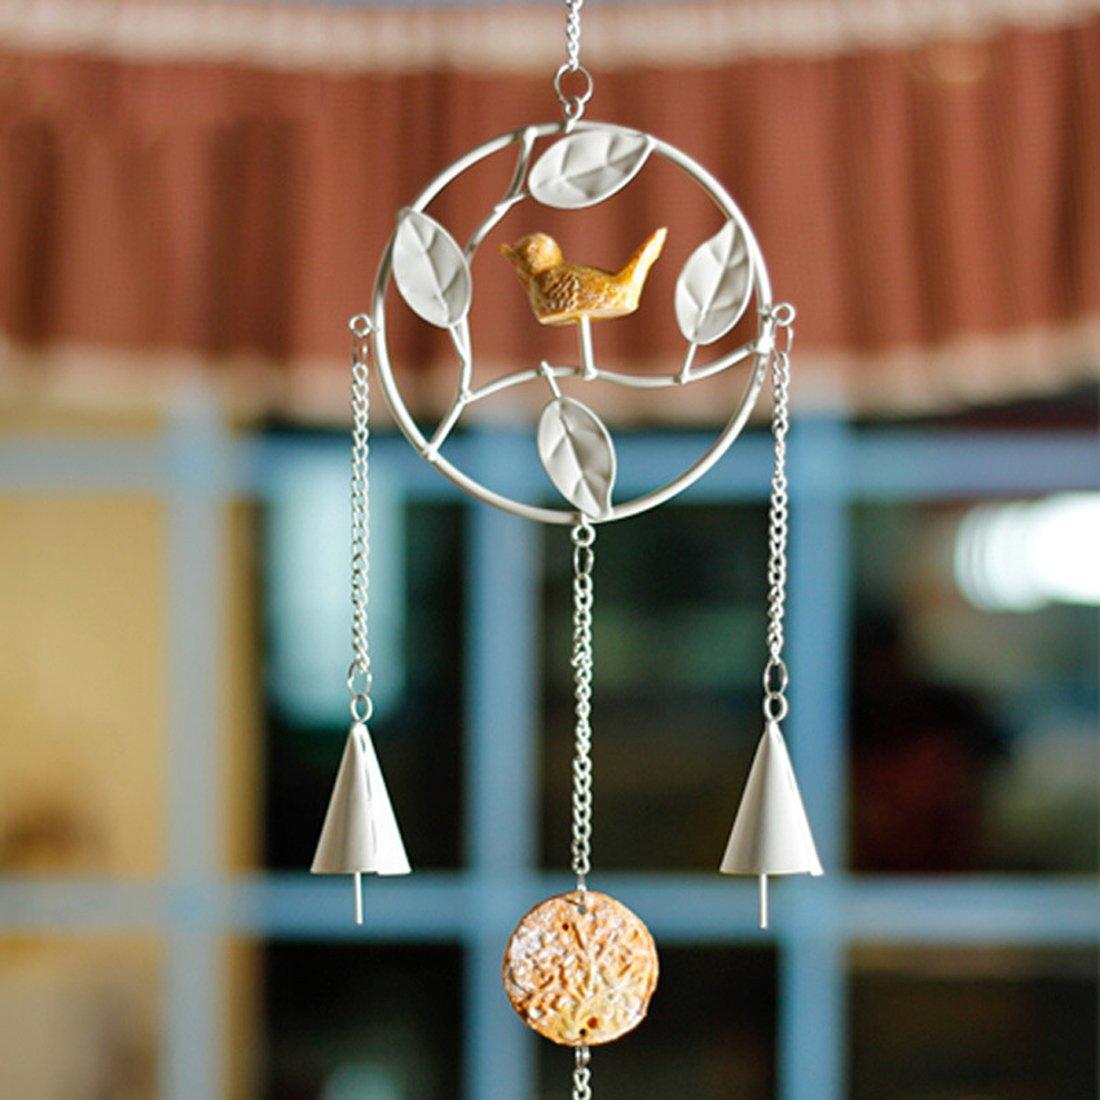 Gabrielley Retro Home Zubehör Glockenspiele Windspiele Haus und Garten zum Aufhängen Decor